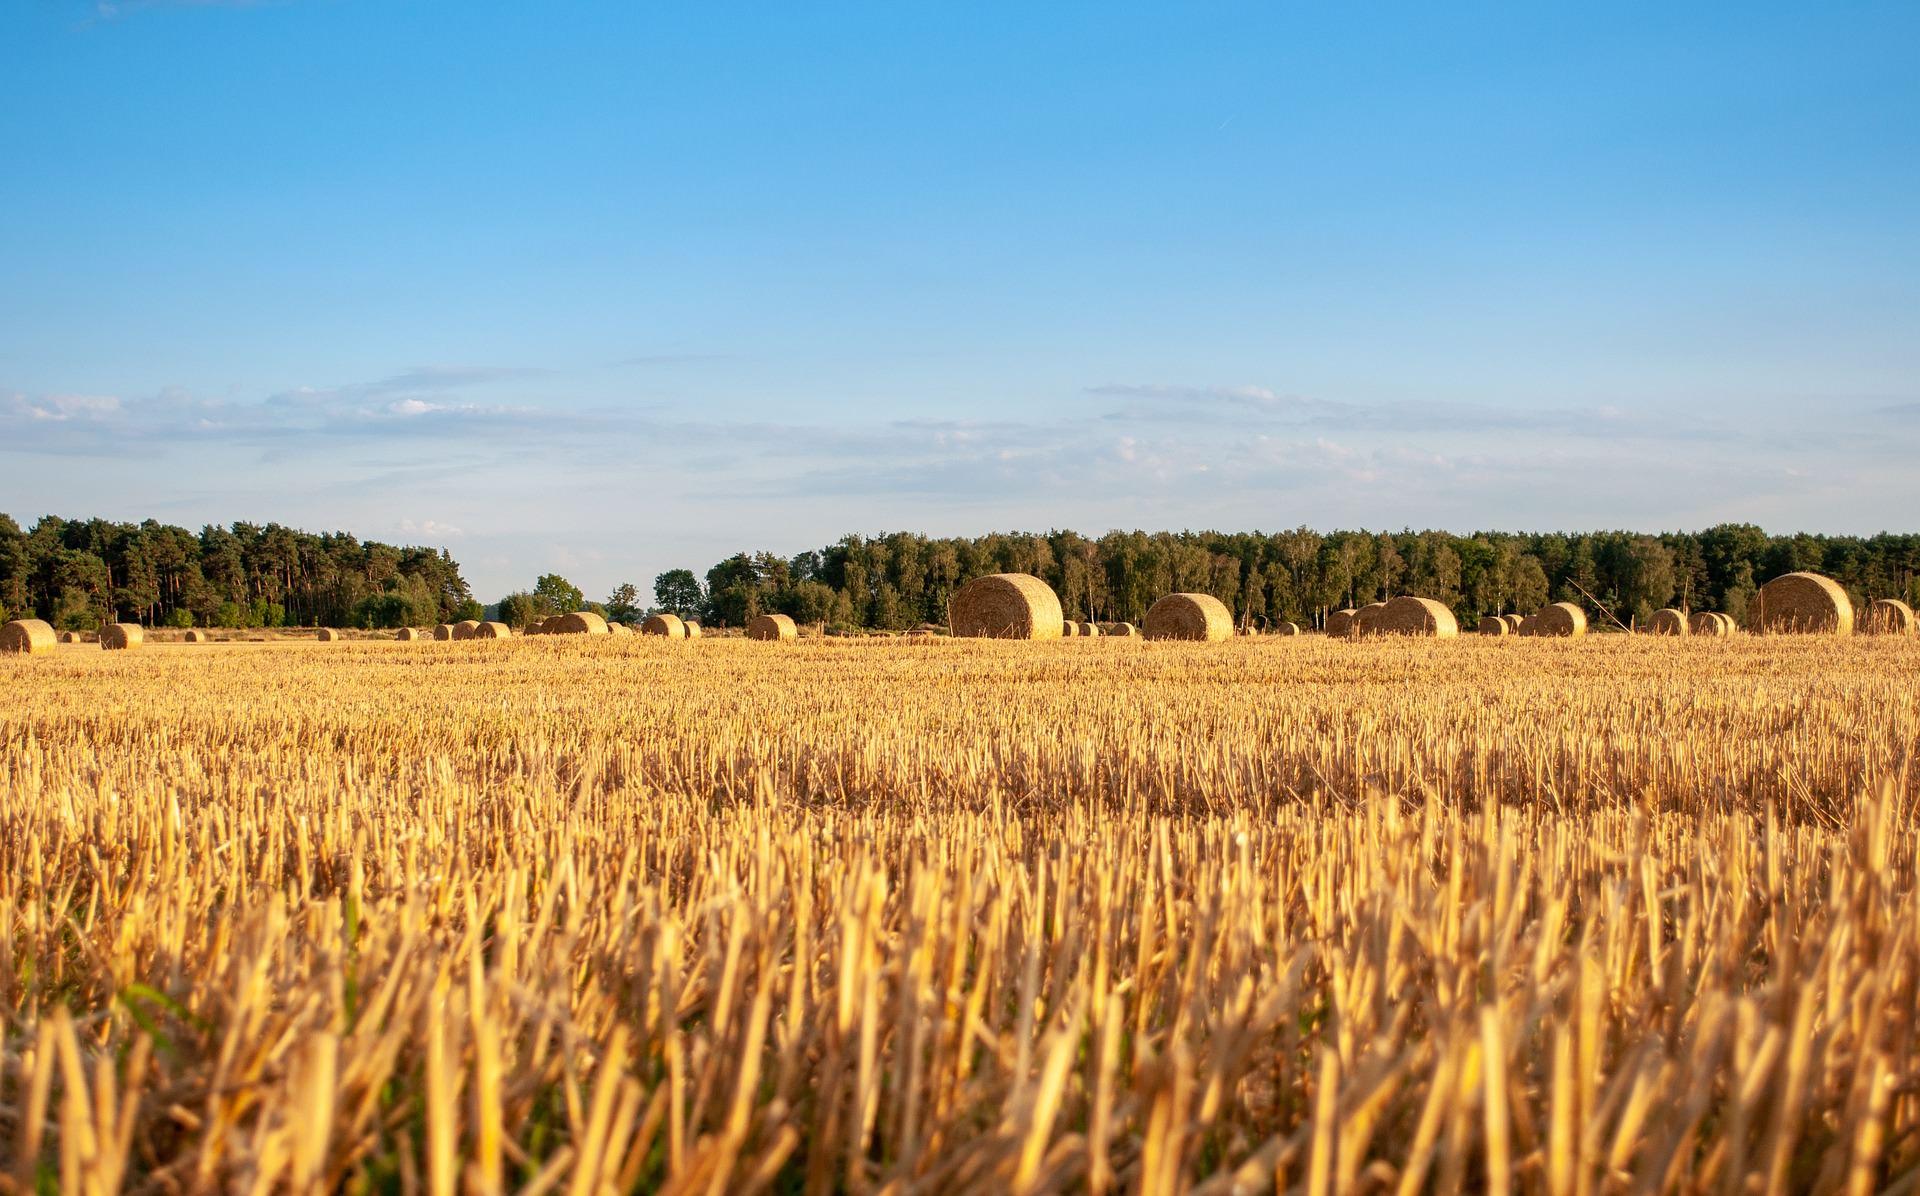 harvest-3980684_1920.jpg